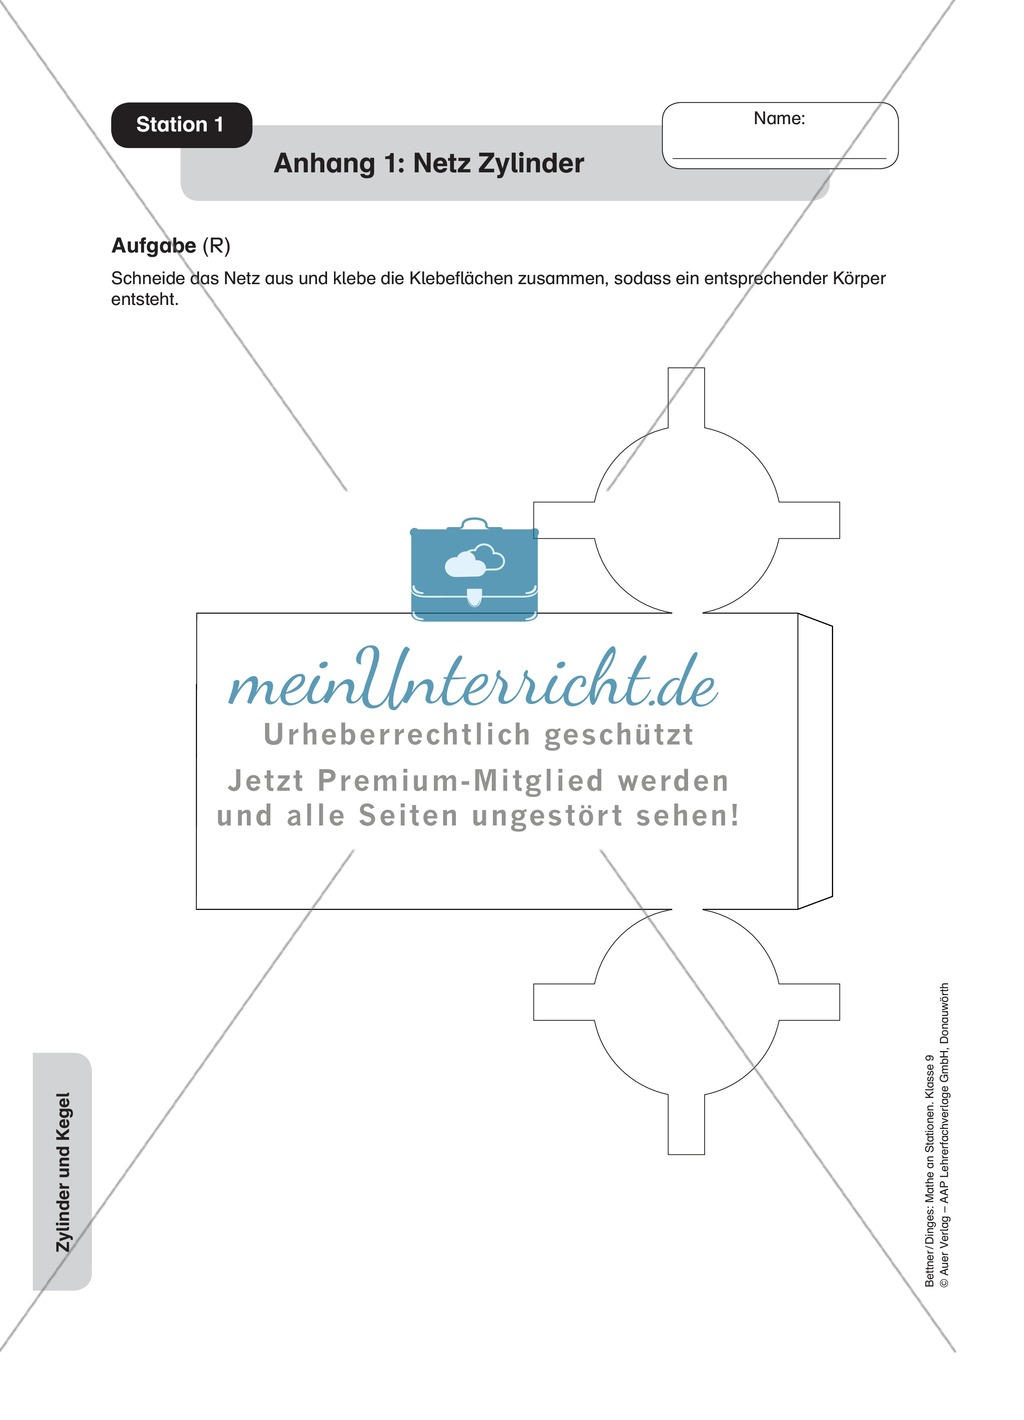 Stationenlernen zu den Eigenschaften von Zylinder und Kegel ...